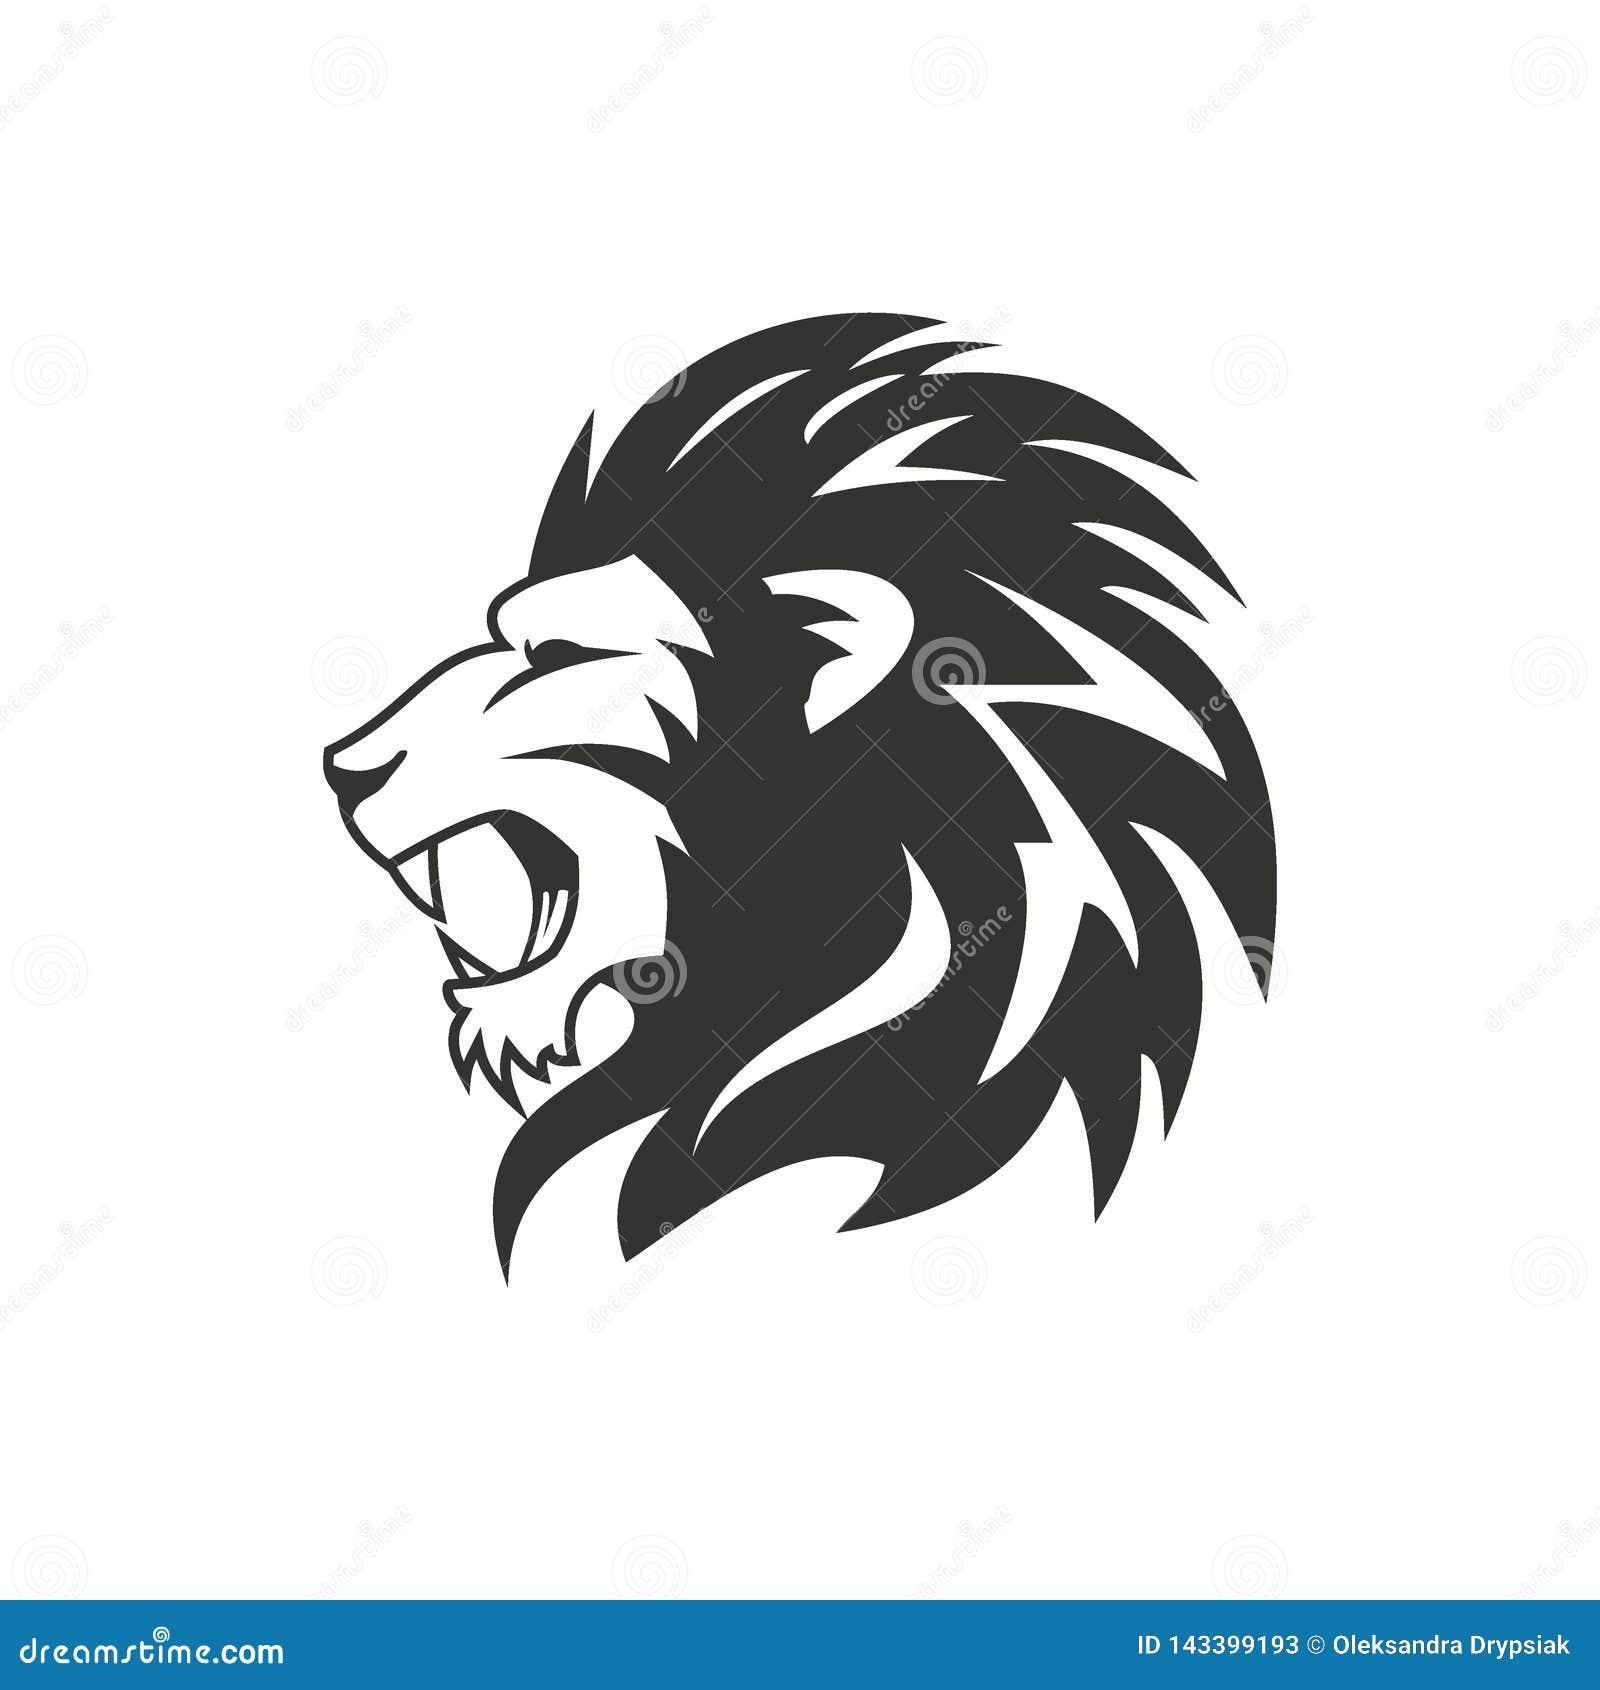 Heraldic Lion Logo Design  Isolated On White Background